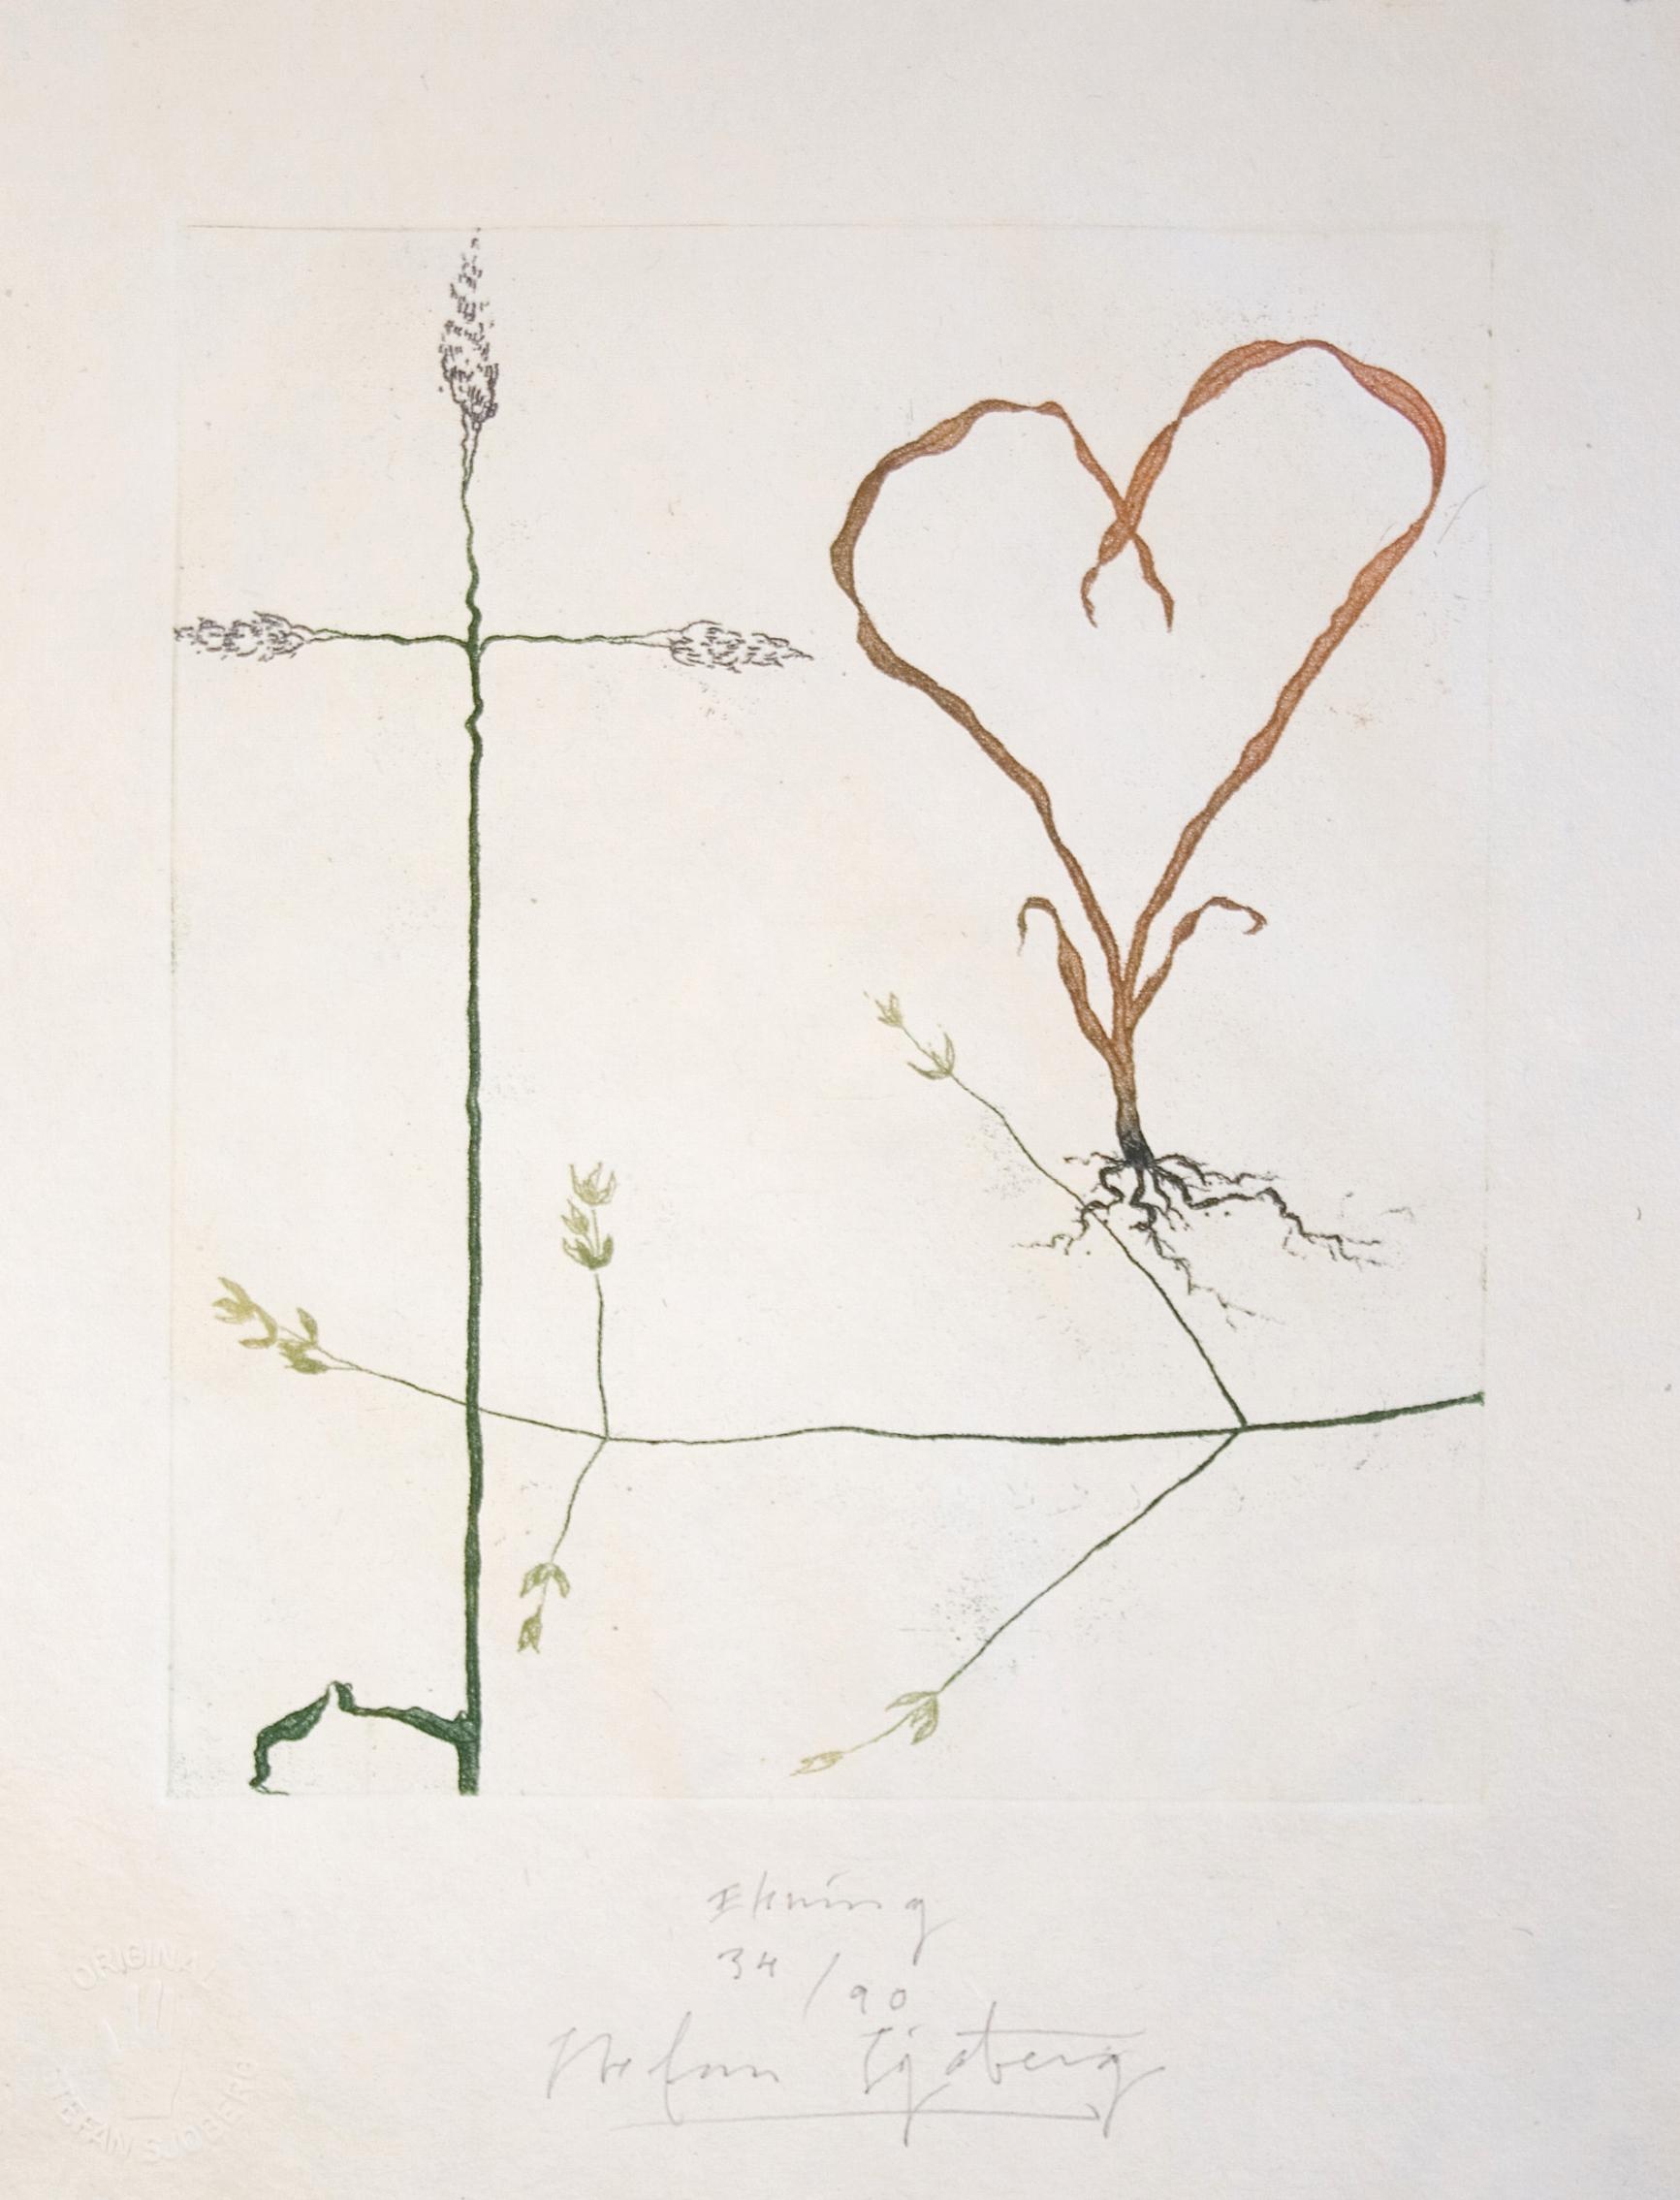 Tro-hopp-kärlek i naturen (10).jpg